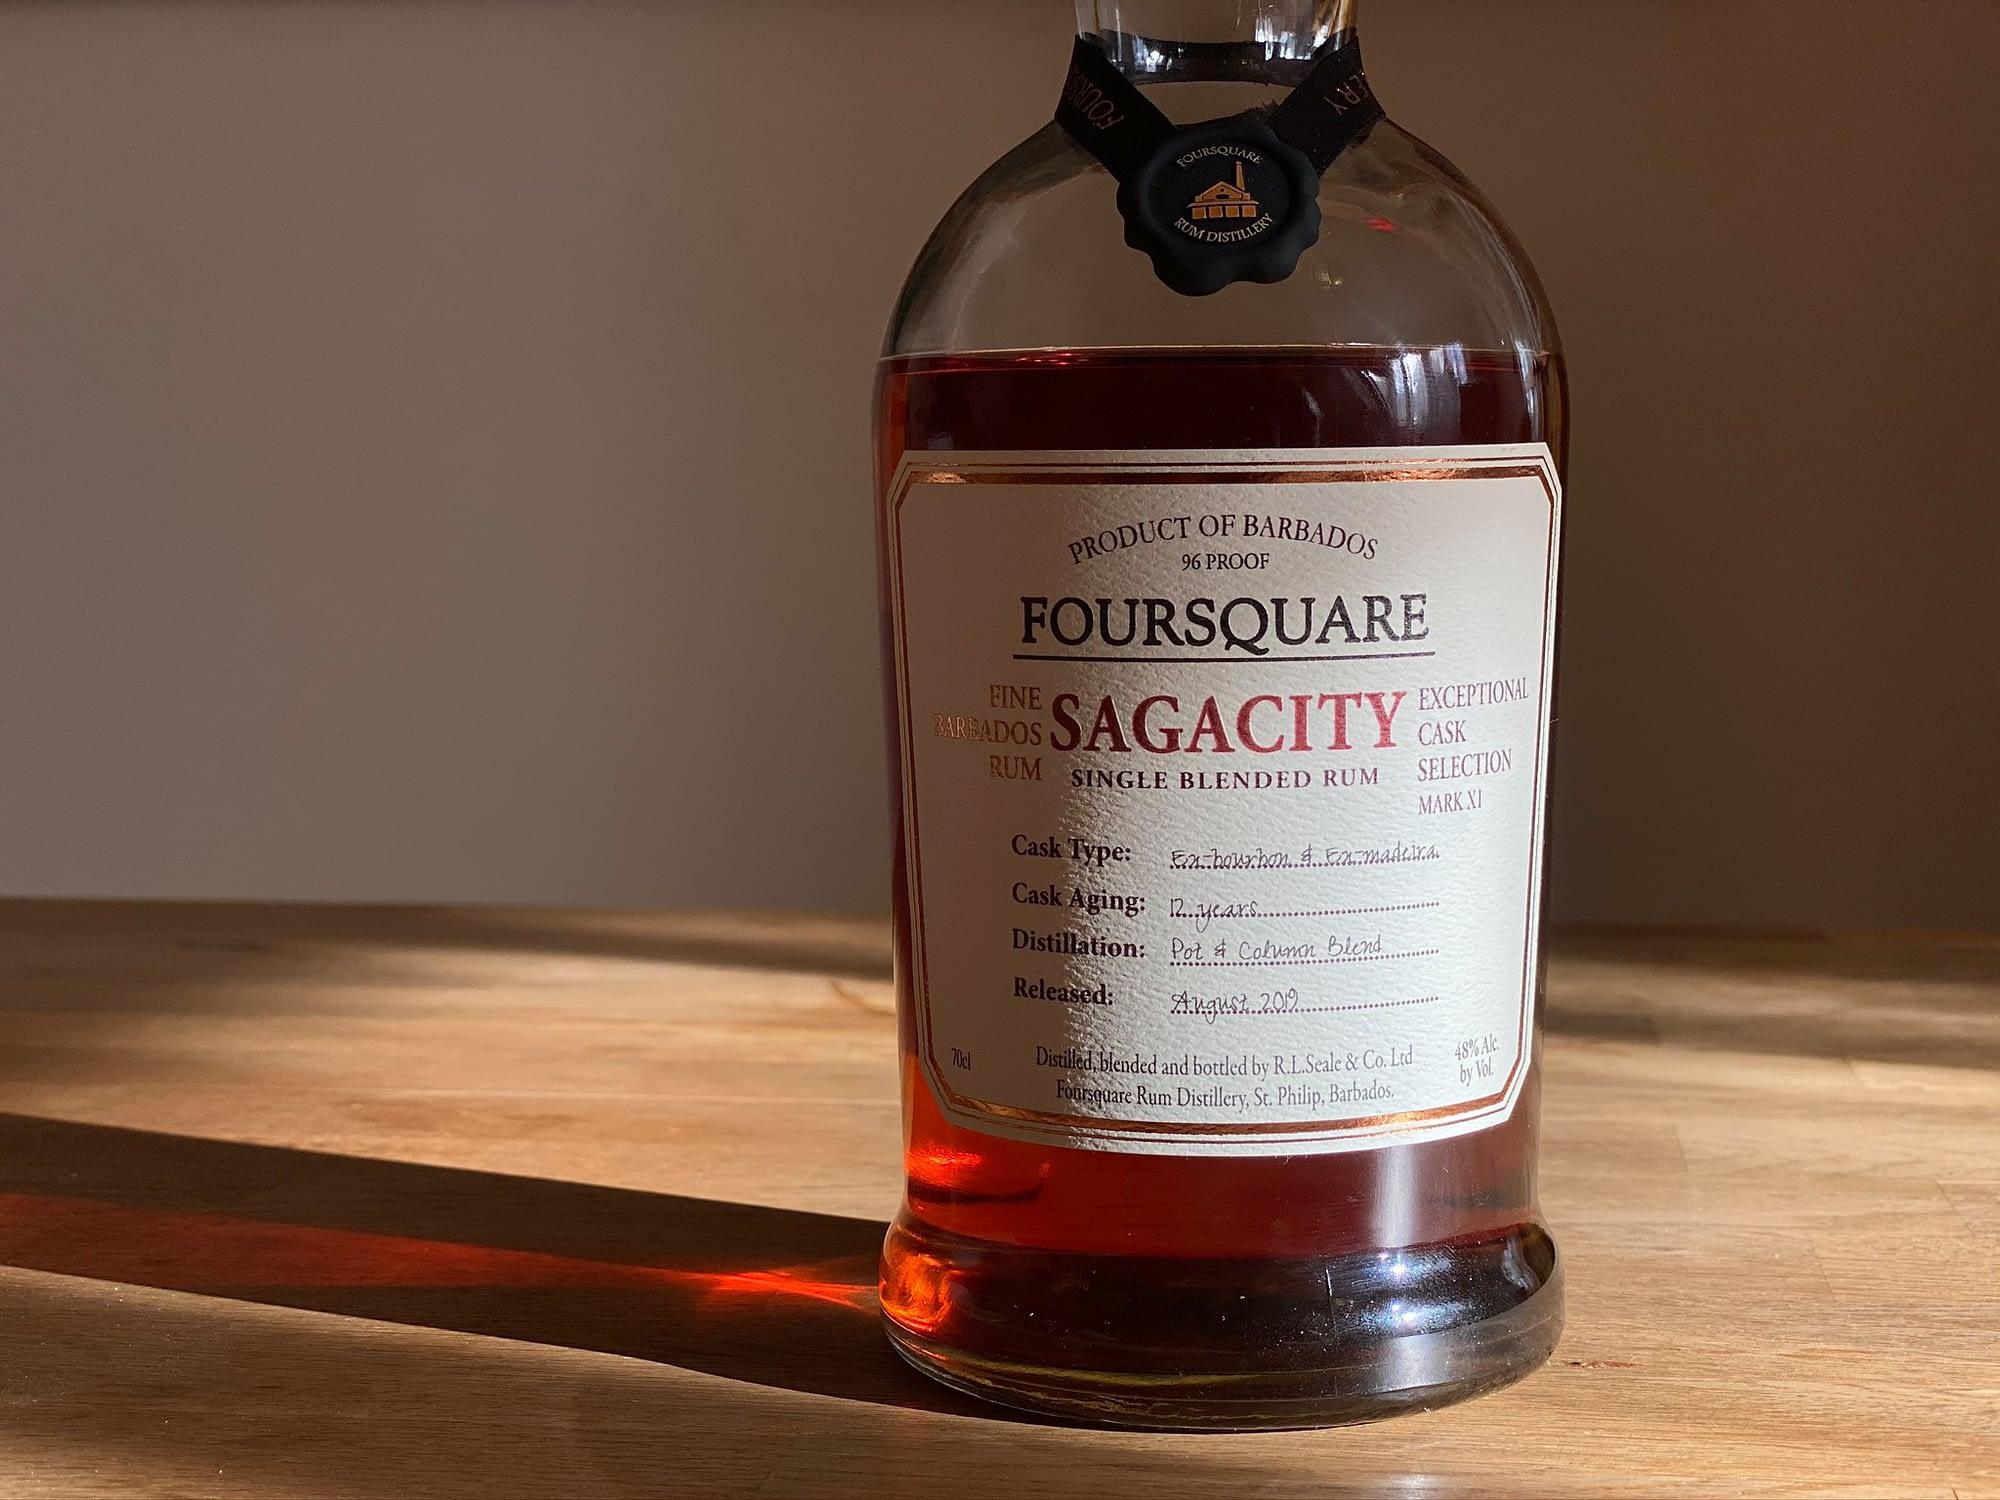 Foursquare Sagacity – Nebe stokrát jinak